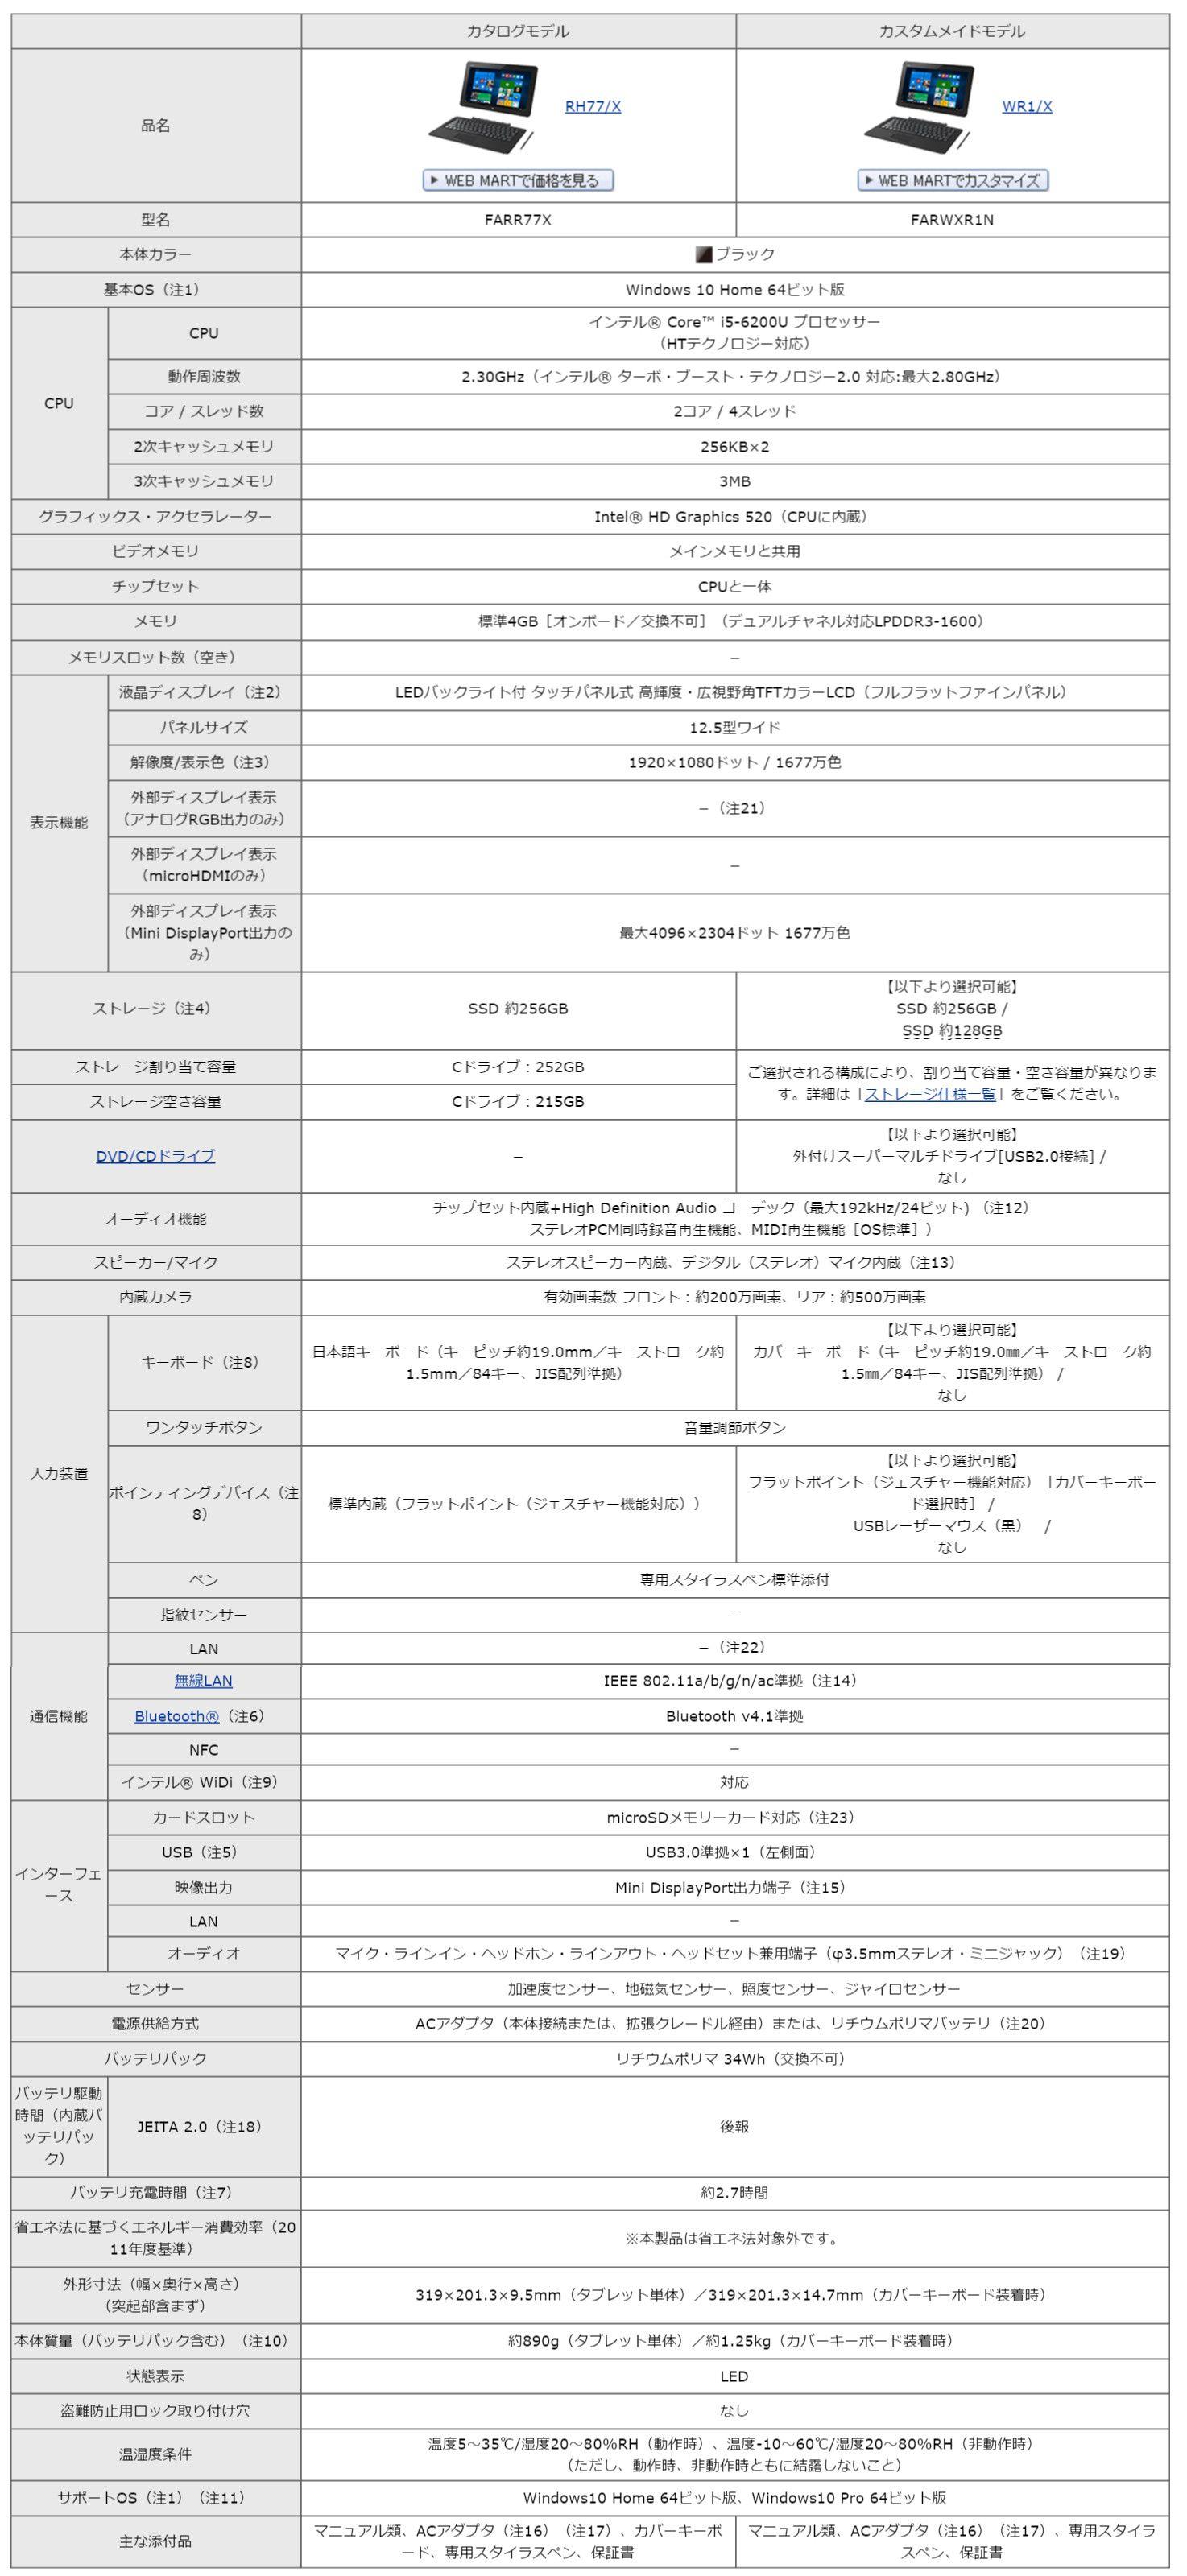 富士通 arrows Tab RH77シリーズ スペック表